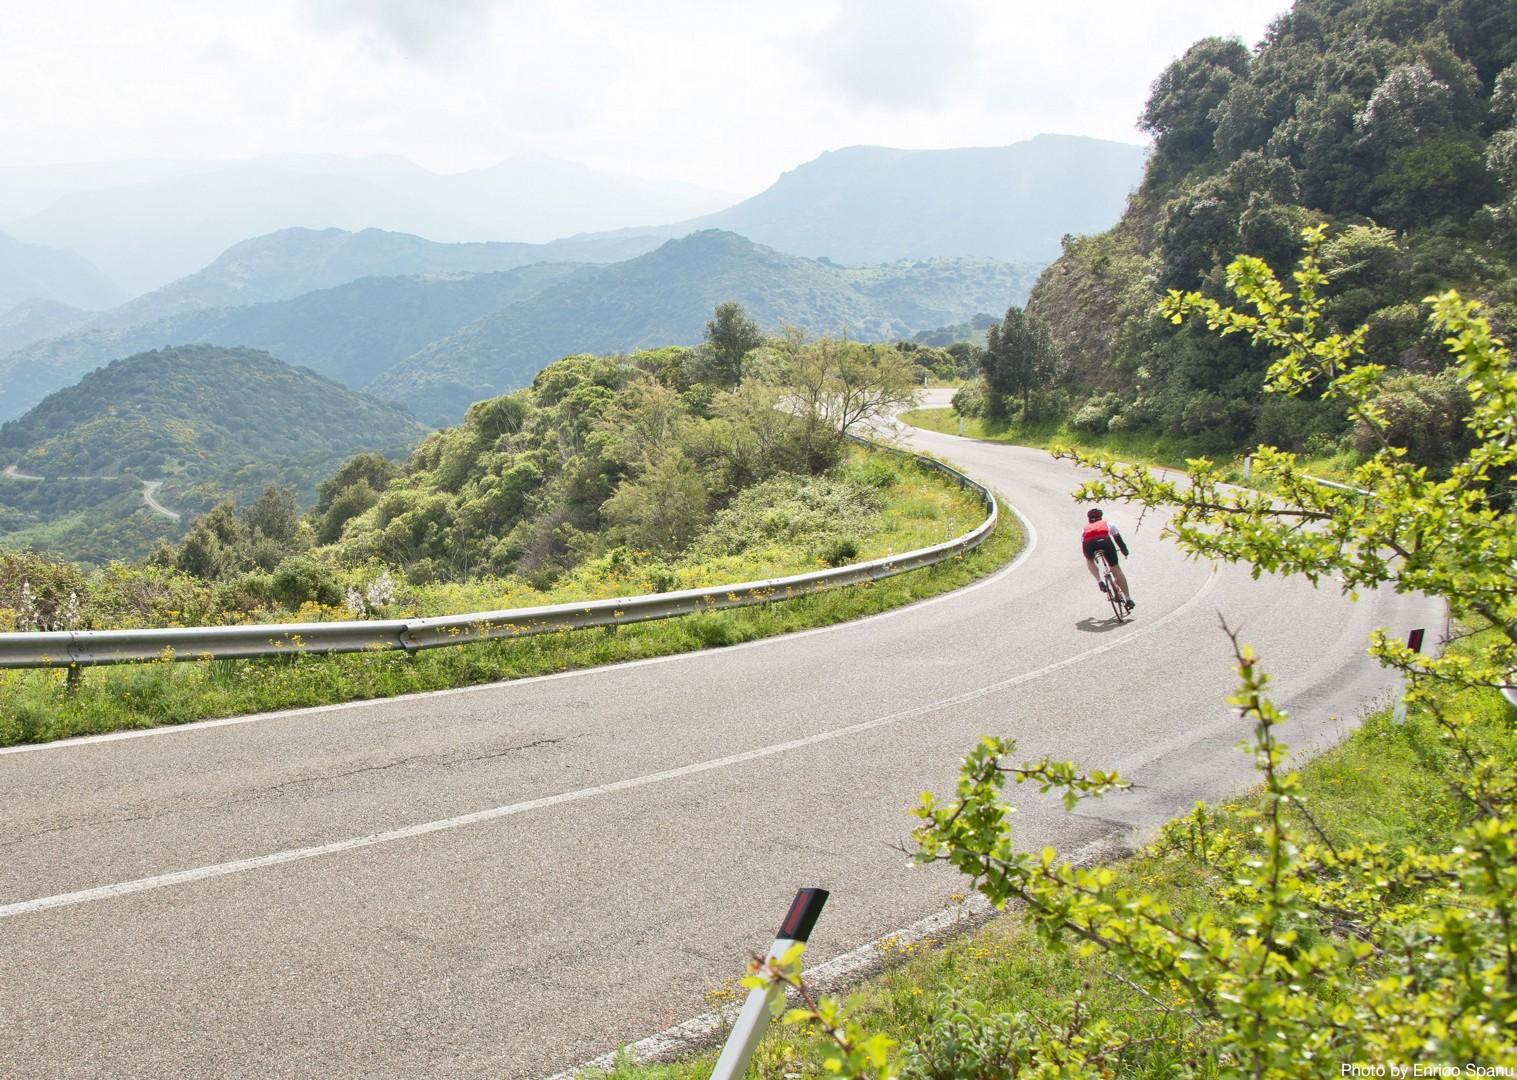 Road-Cycling-Holiday-Italy-Sardinia-Sardinian-Mountains.jpg - Italy - Sardinia - Sardinian Mountains - Guided Road Cycling Holiday - Italia Road Cycling